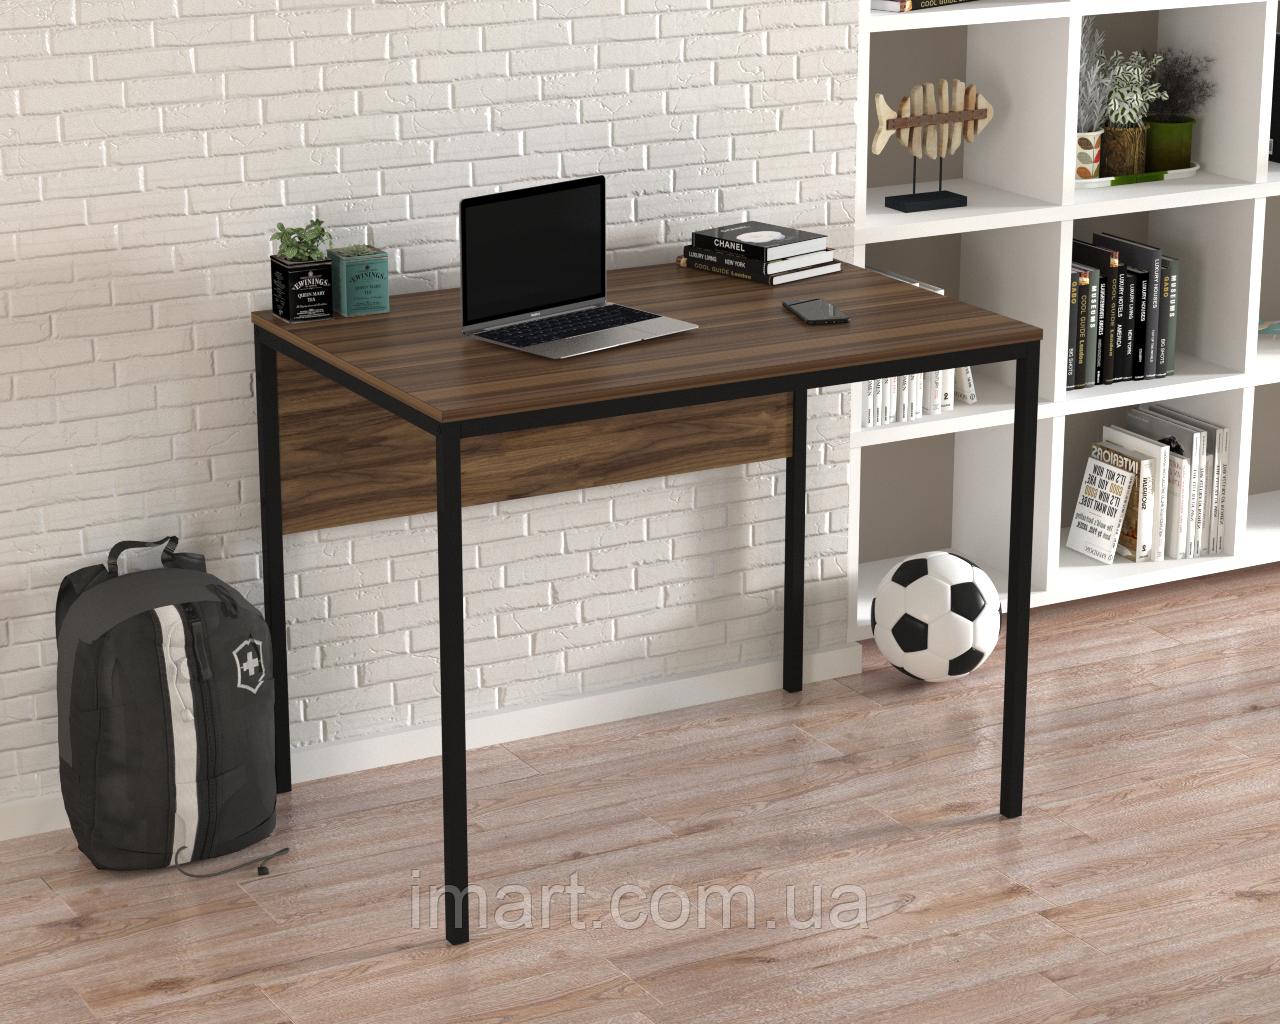 Купить Письменный стол Loft design L-2p mini Орех Модена. Комп'ютерний стіл для дому та офісу